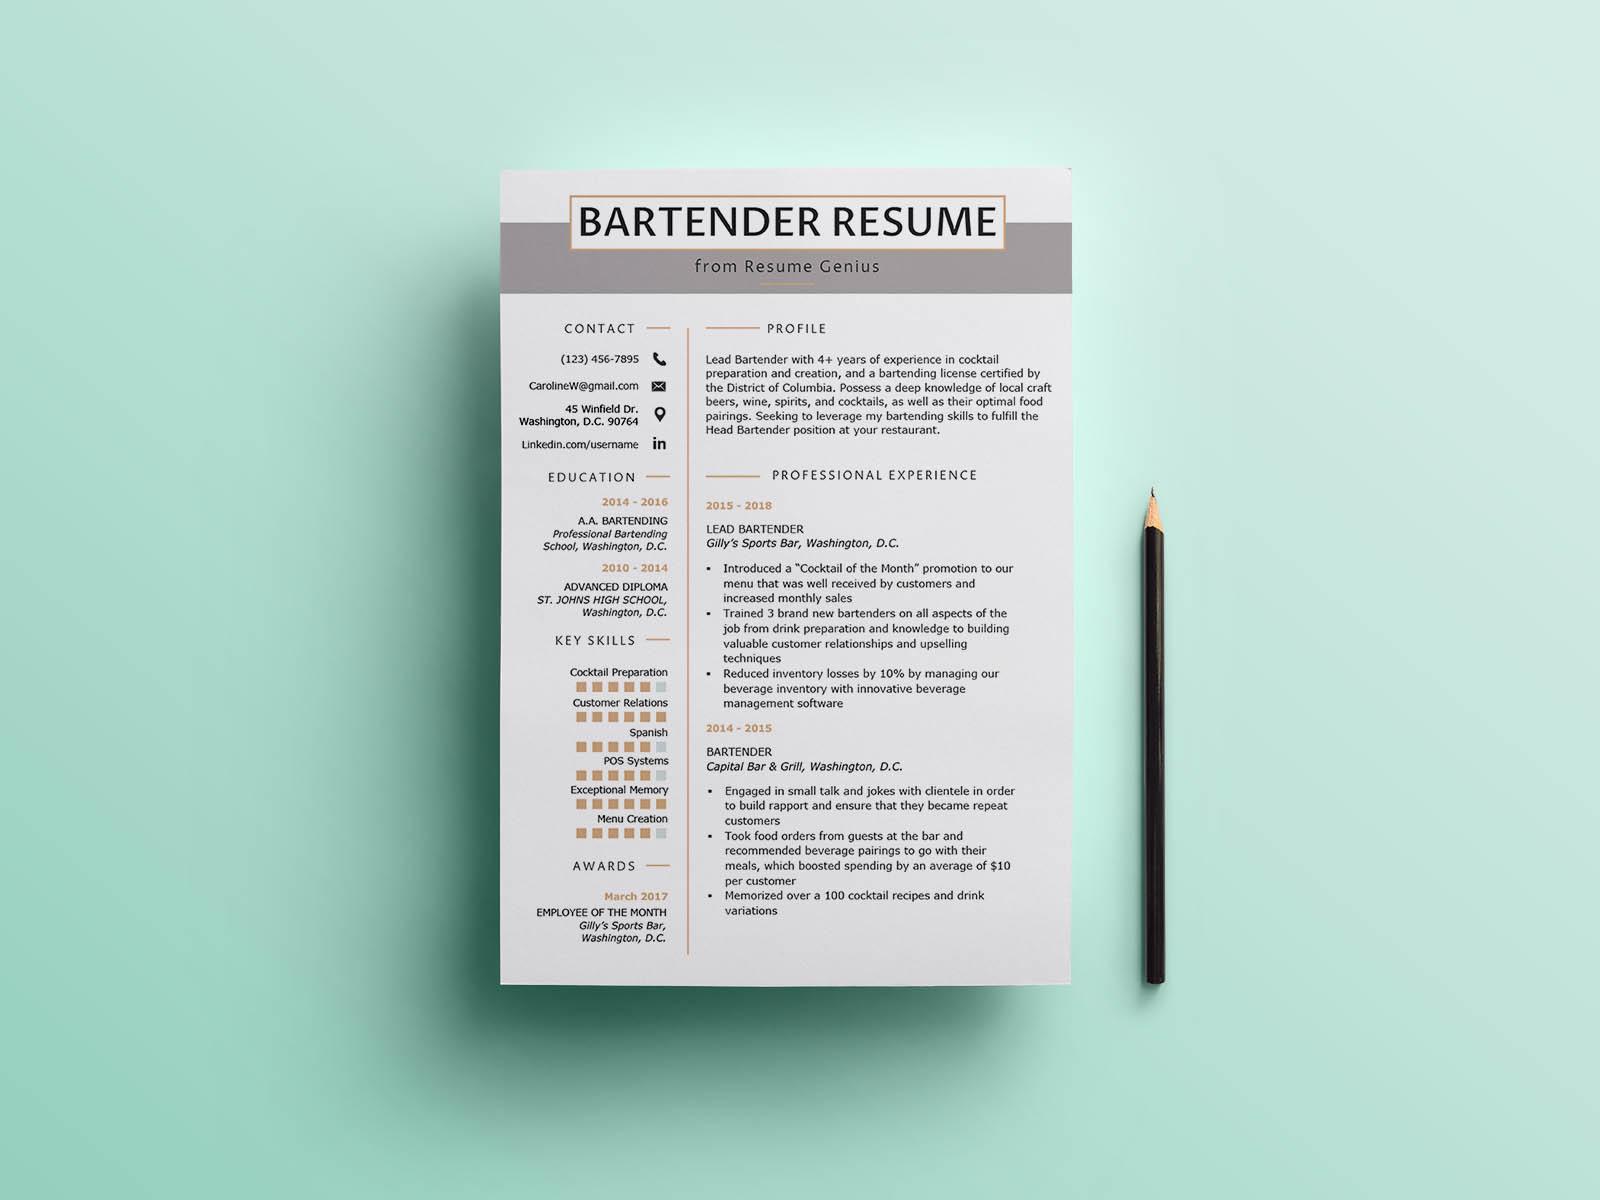 Bartender Resume Template from cdn.dribbble.com